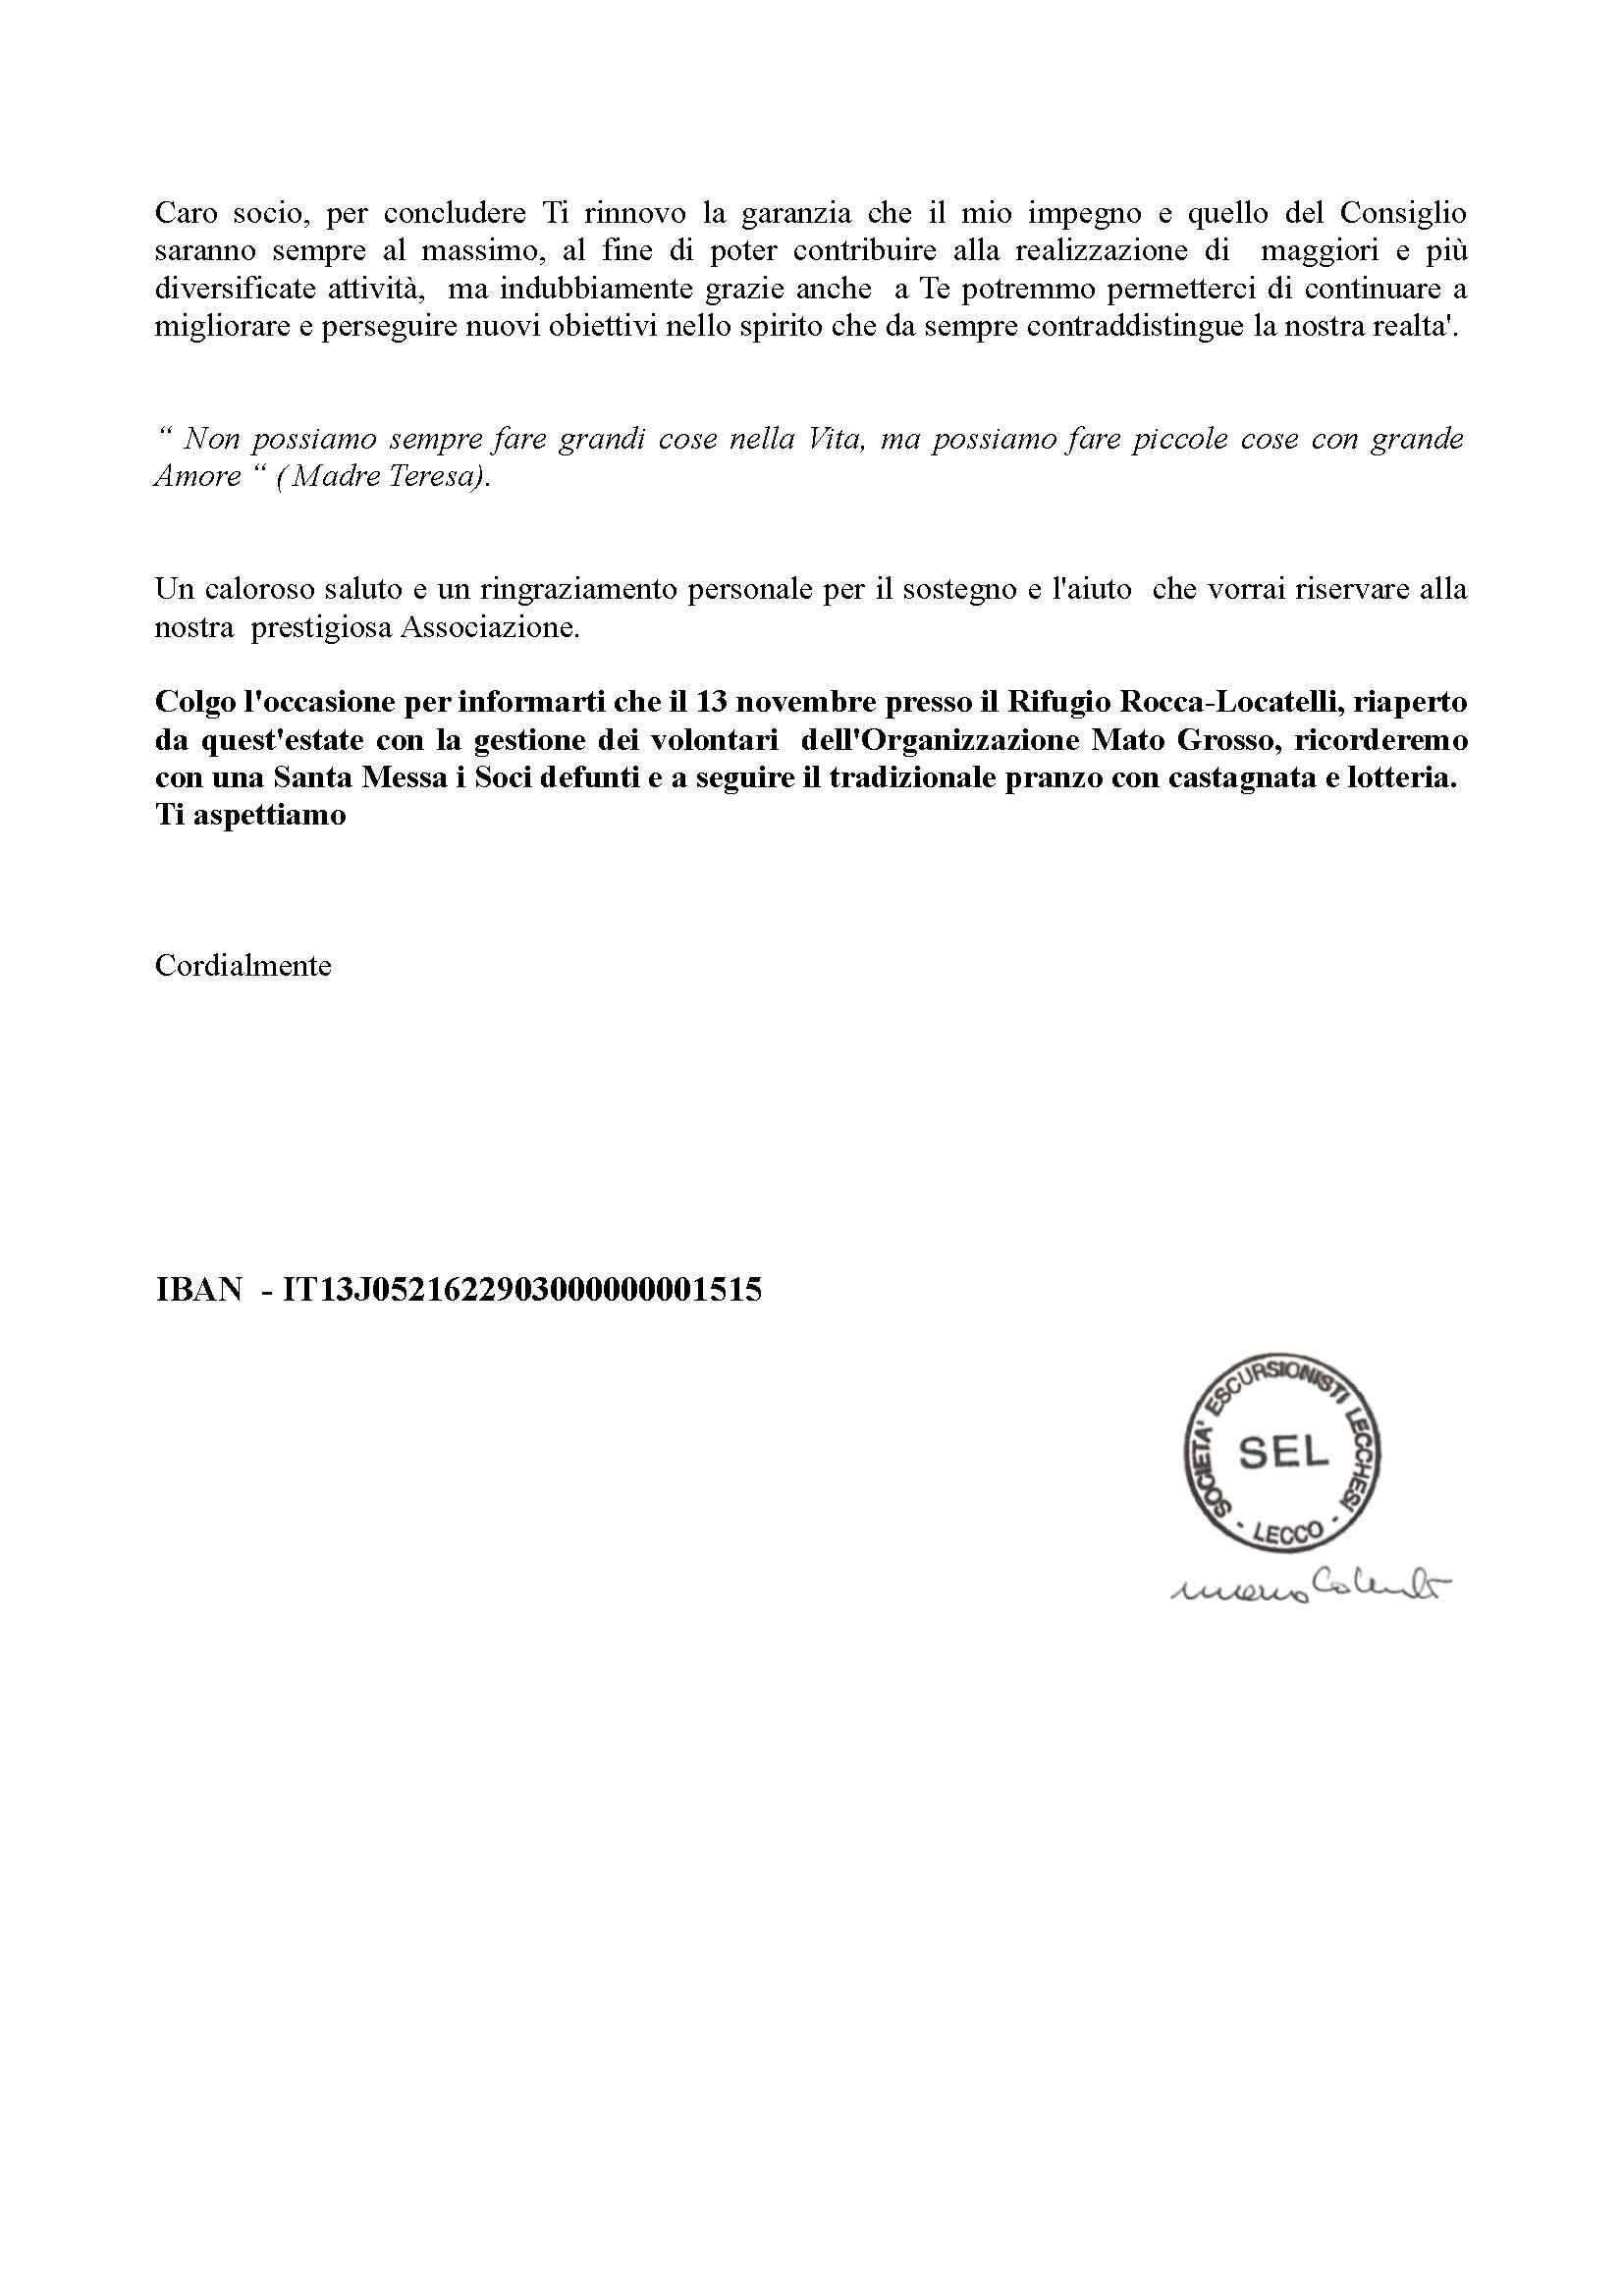 lettera-vitalizi-definitiva-corretta_pagina_2